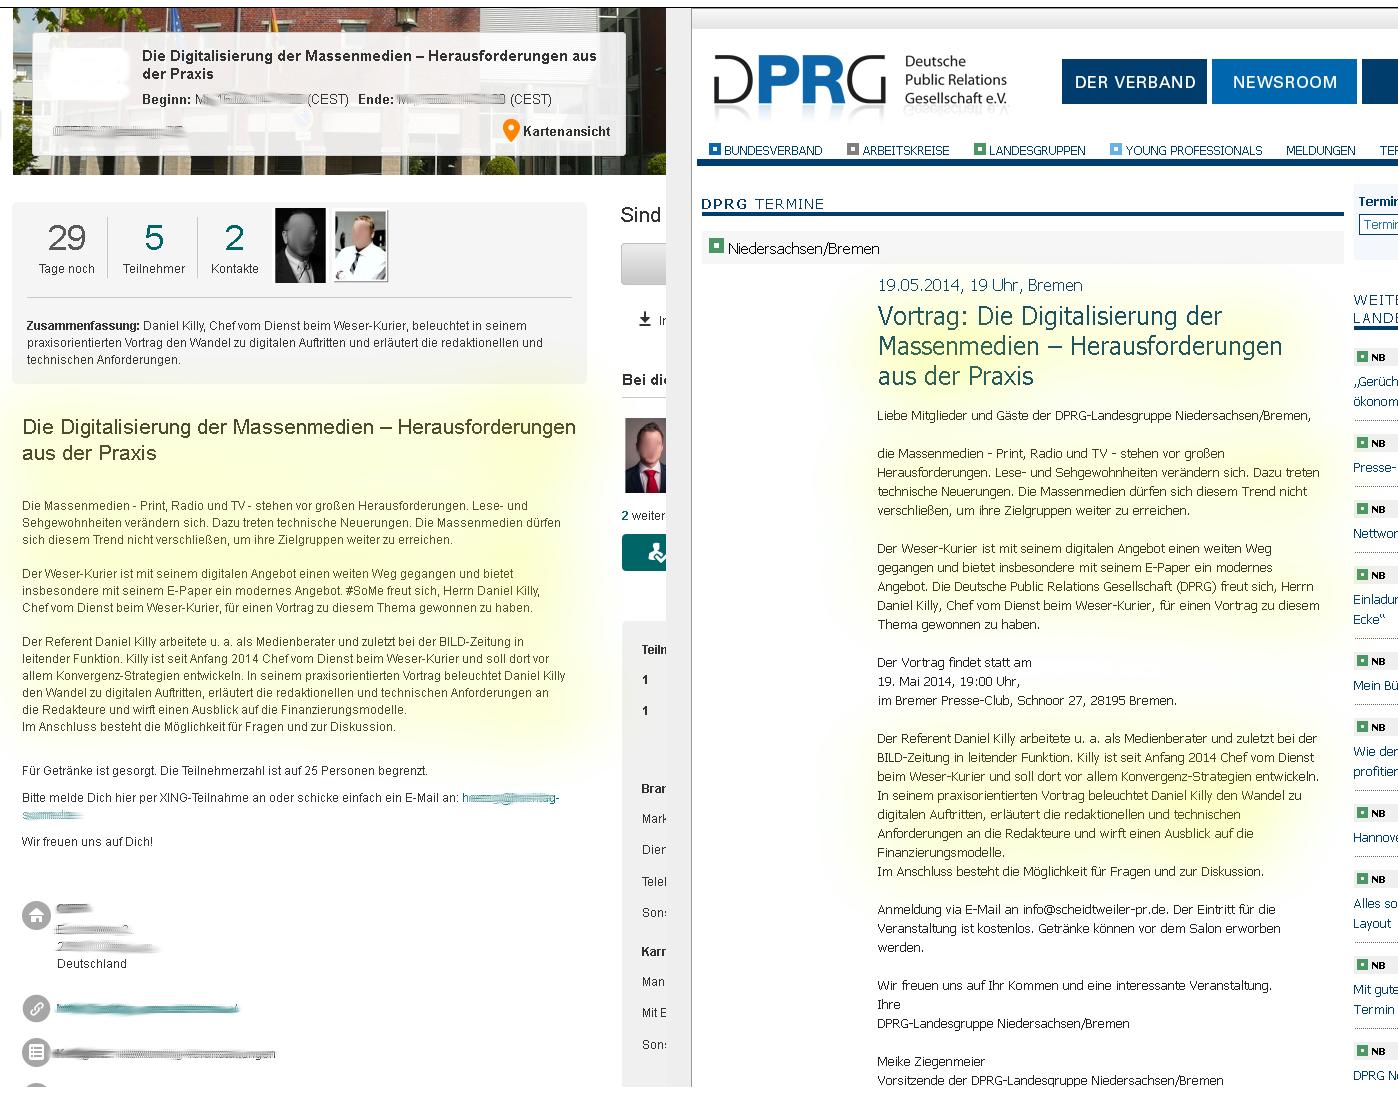 Ein Plagiat ist Ehre - aber auch eine Urheberrechtsverletzung! - PR Agentur Bremen